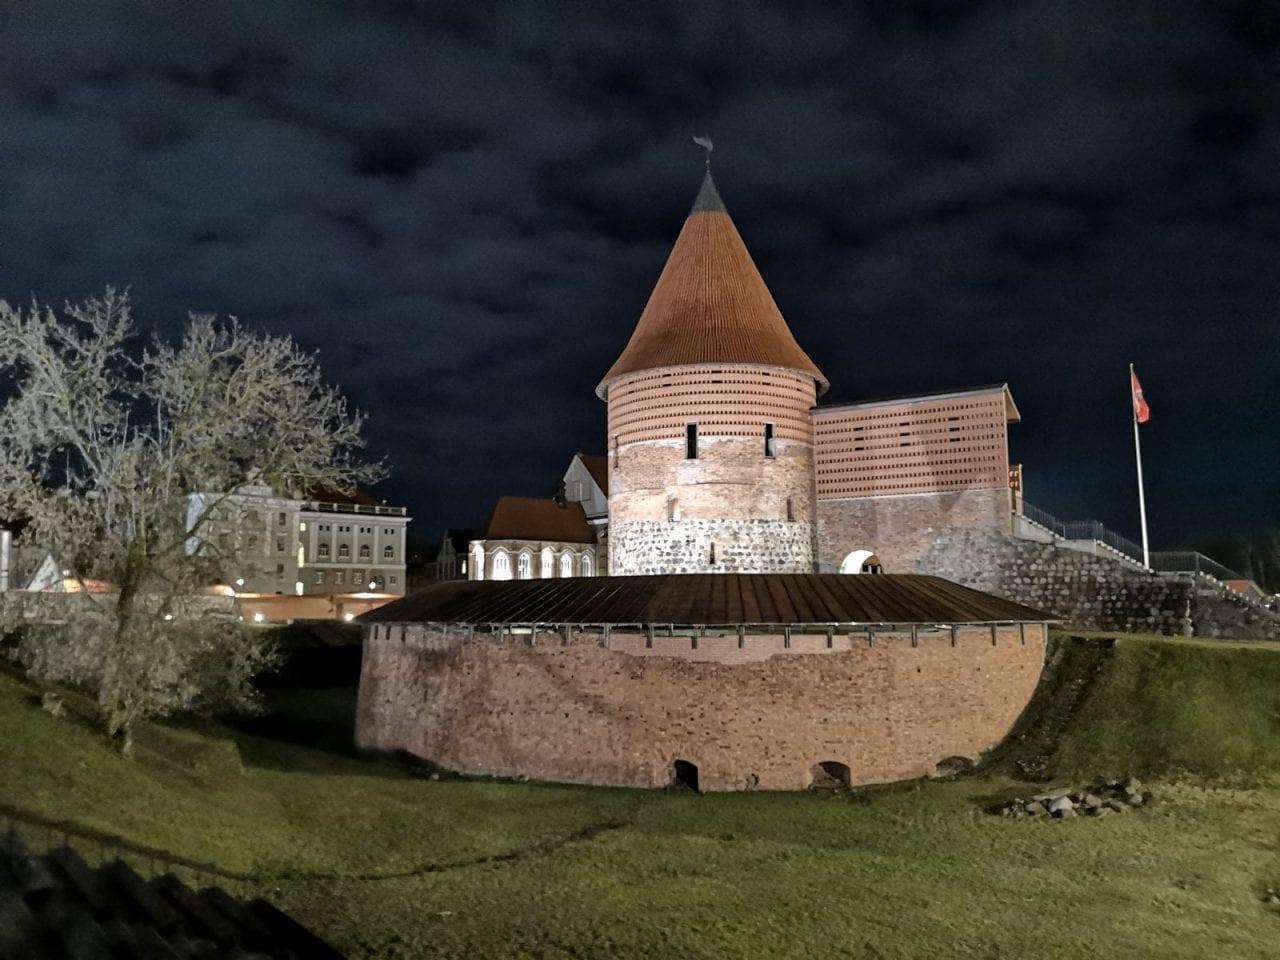 Jokamies-Itäblokki-Teslalla-Kaunas